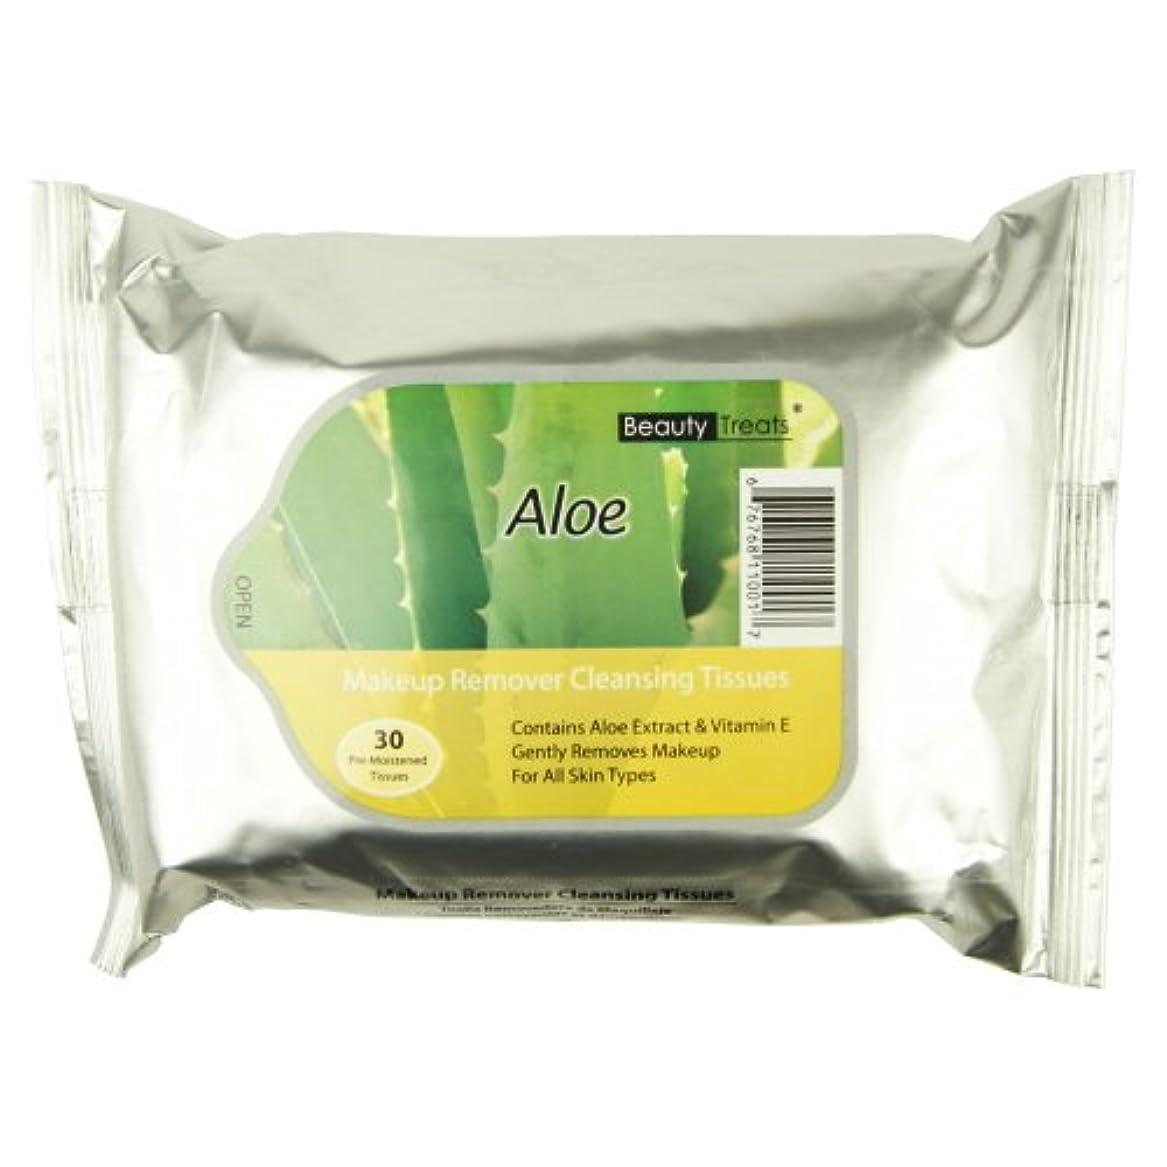 スライム金属ハック(3 Pack) BEAUTY TREATS Makeup Remover Cleansing Tissues - Aloe (並行輸入品)